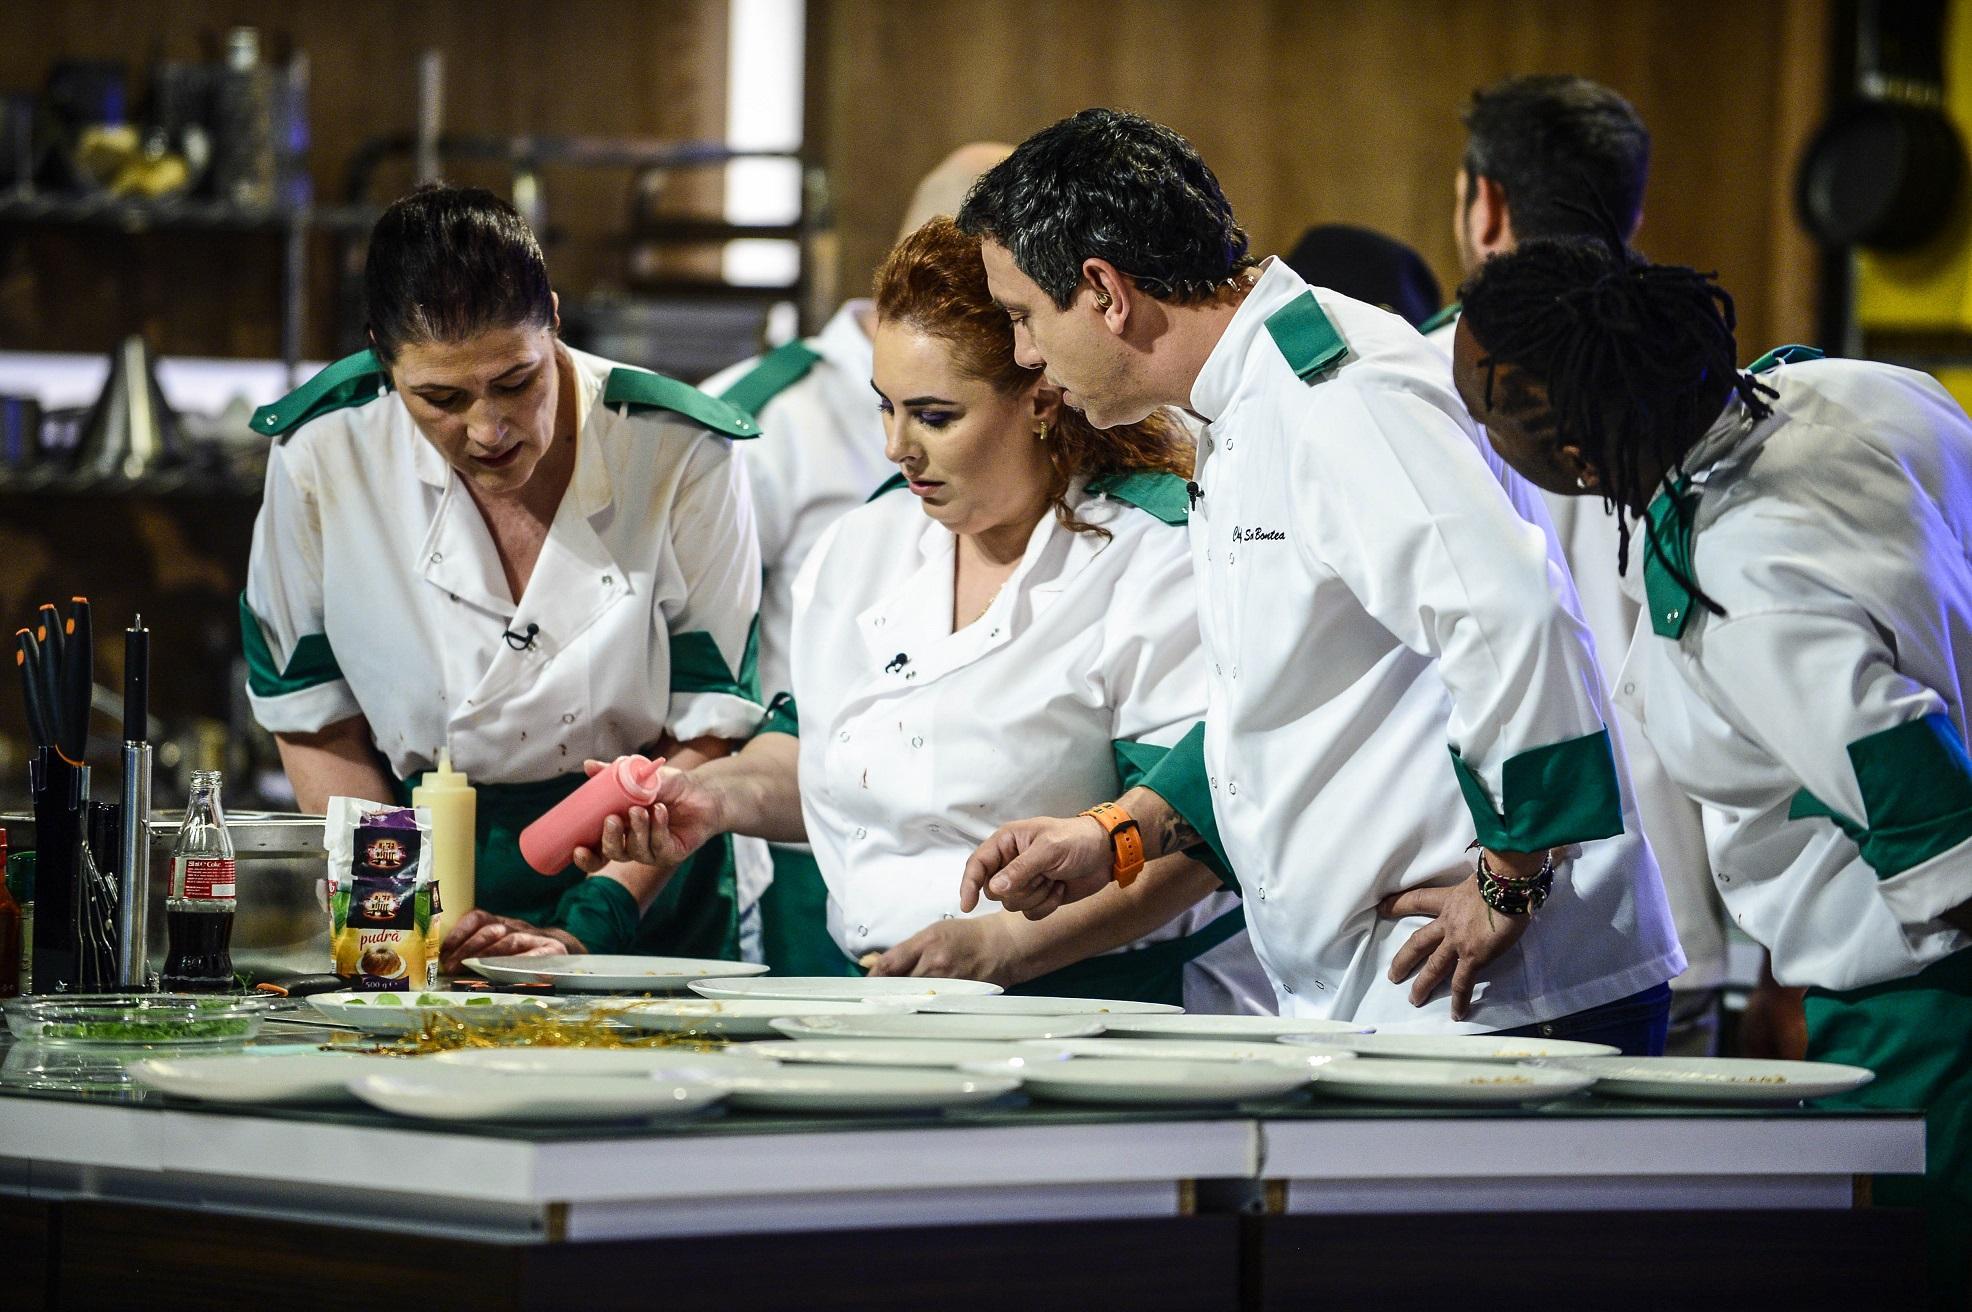 Chef Bontea stabilește specificul farfuriilor în cea de-a doua confruntare pe echipe